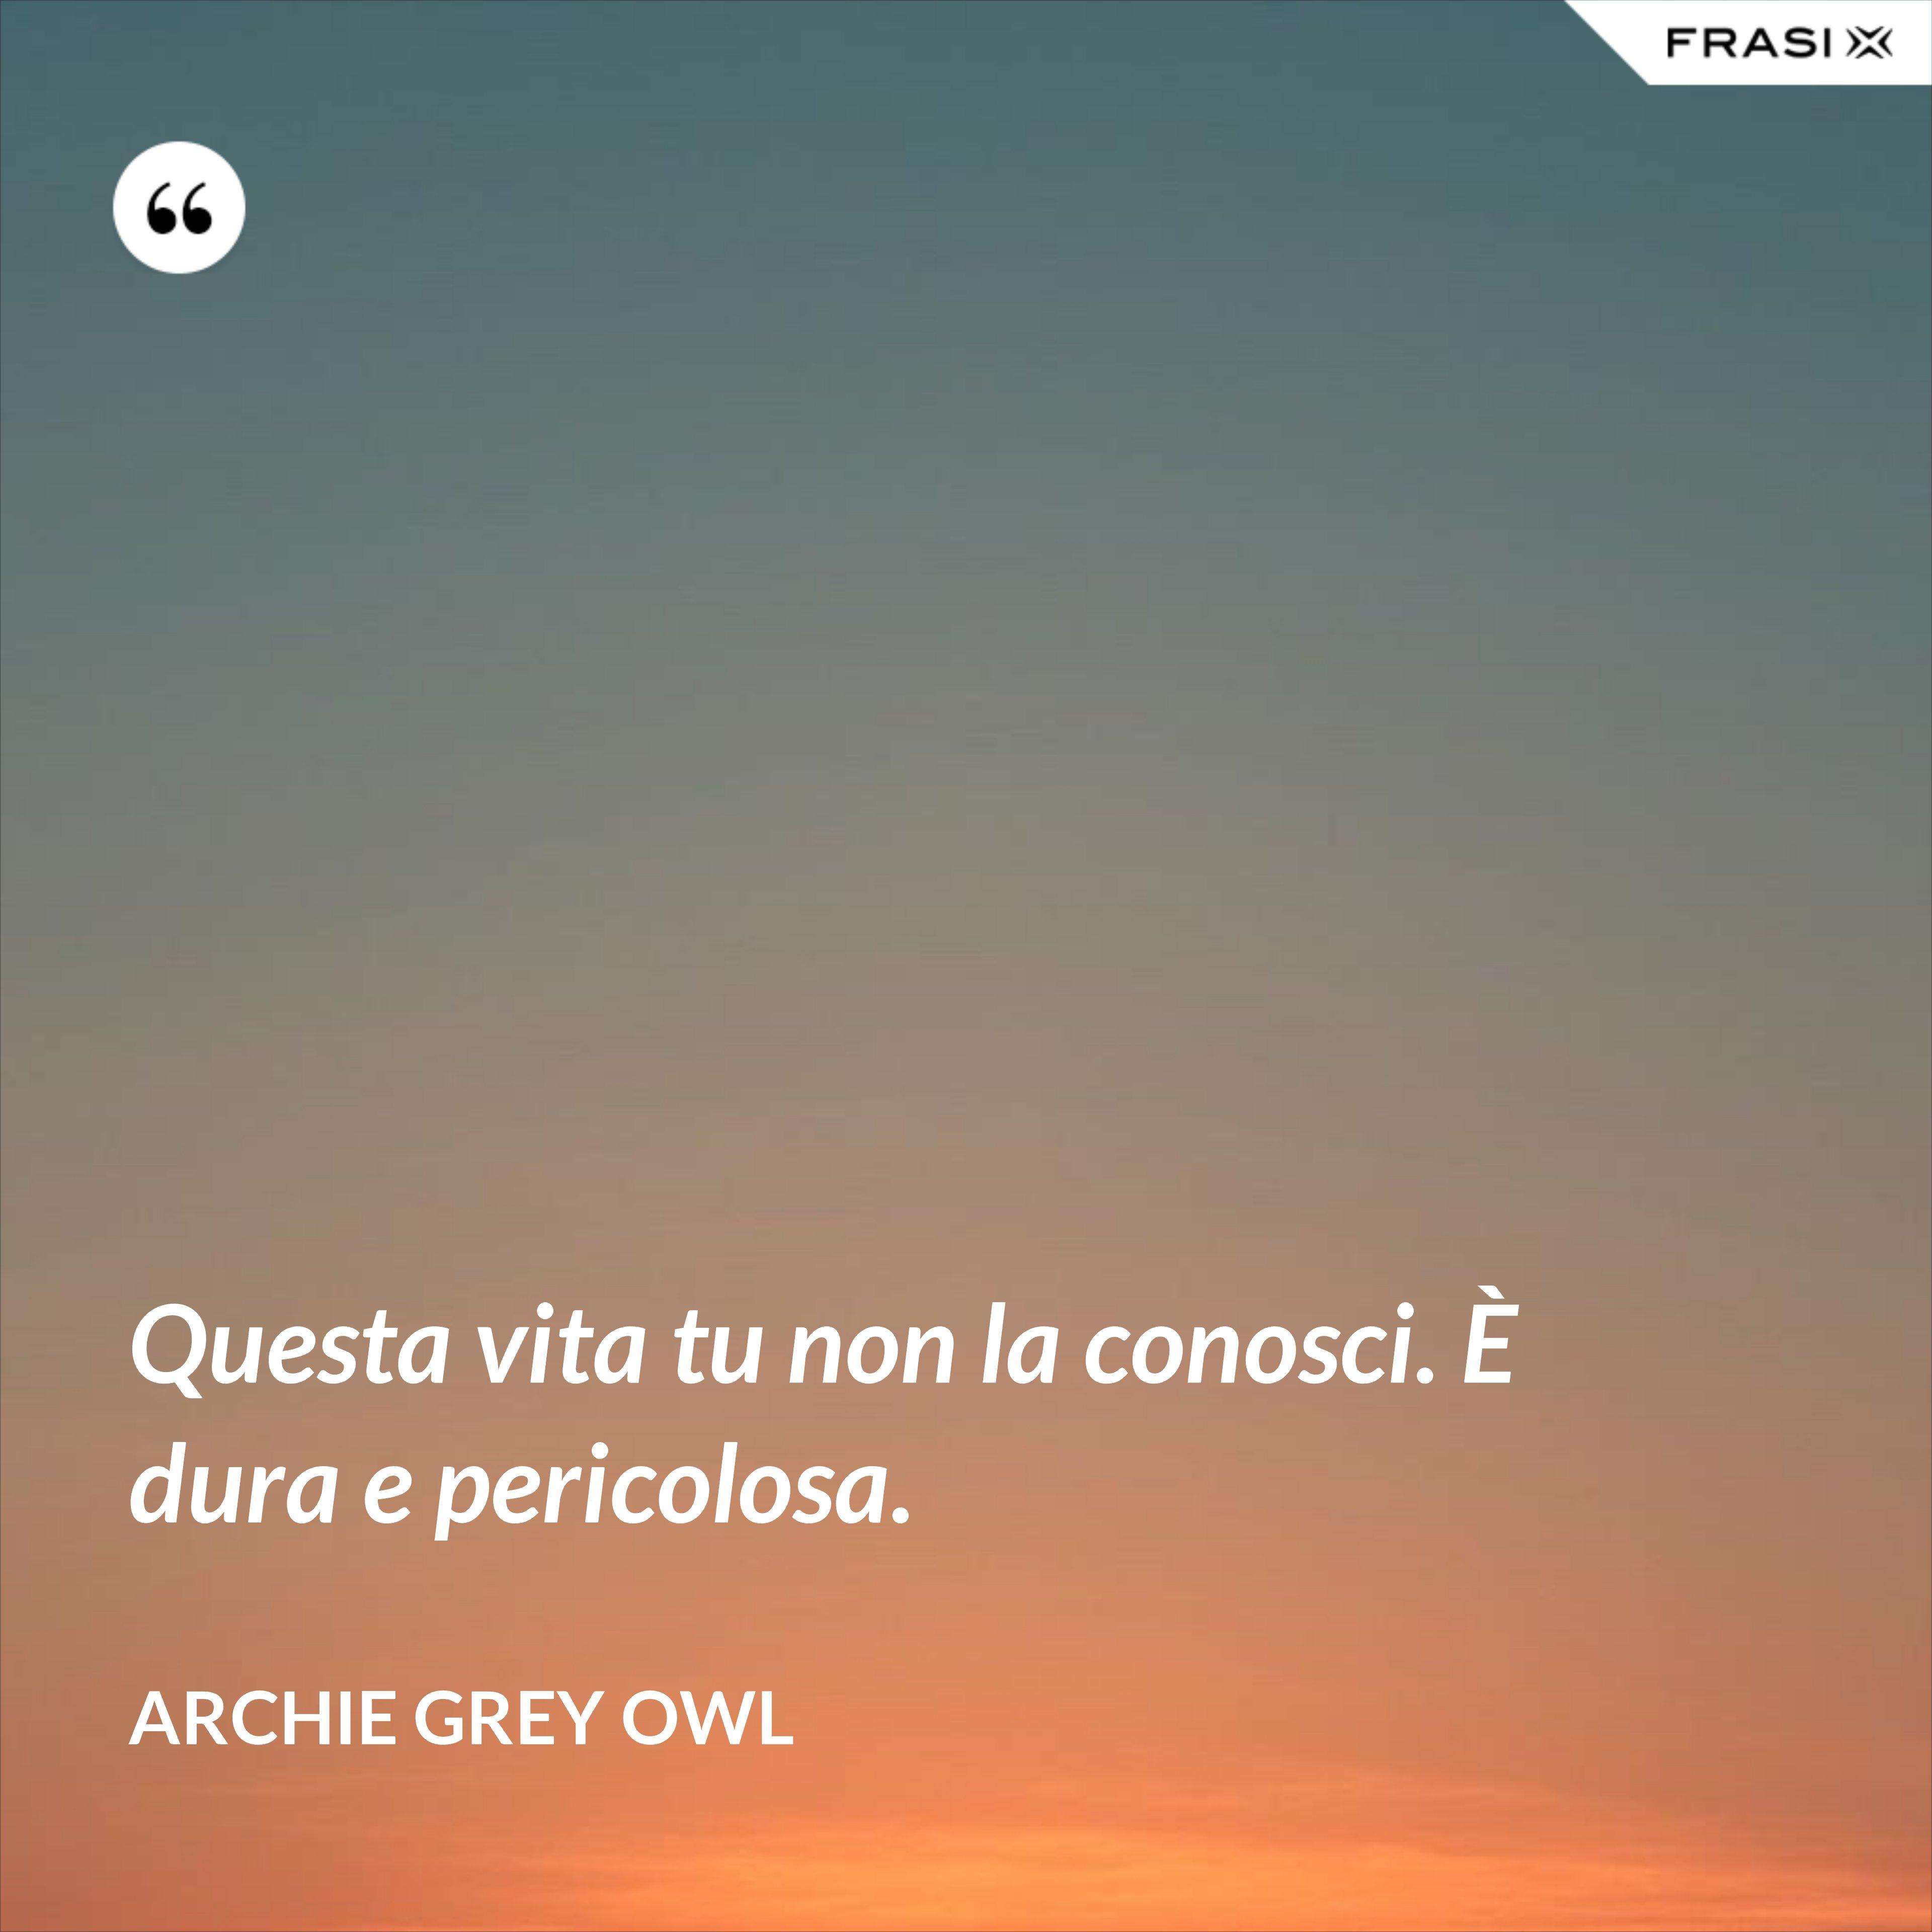 Questa vita tu non la conosci. È dura e pericolosa. - Archie Grey Owl